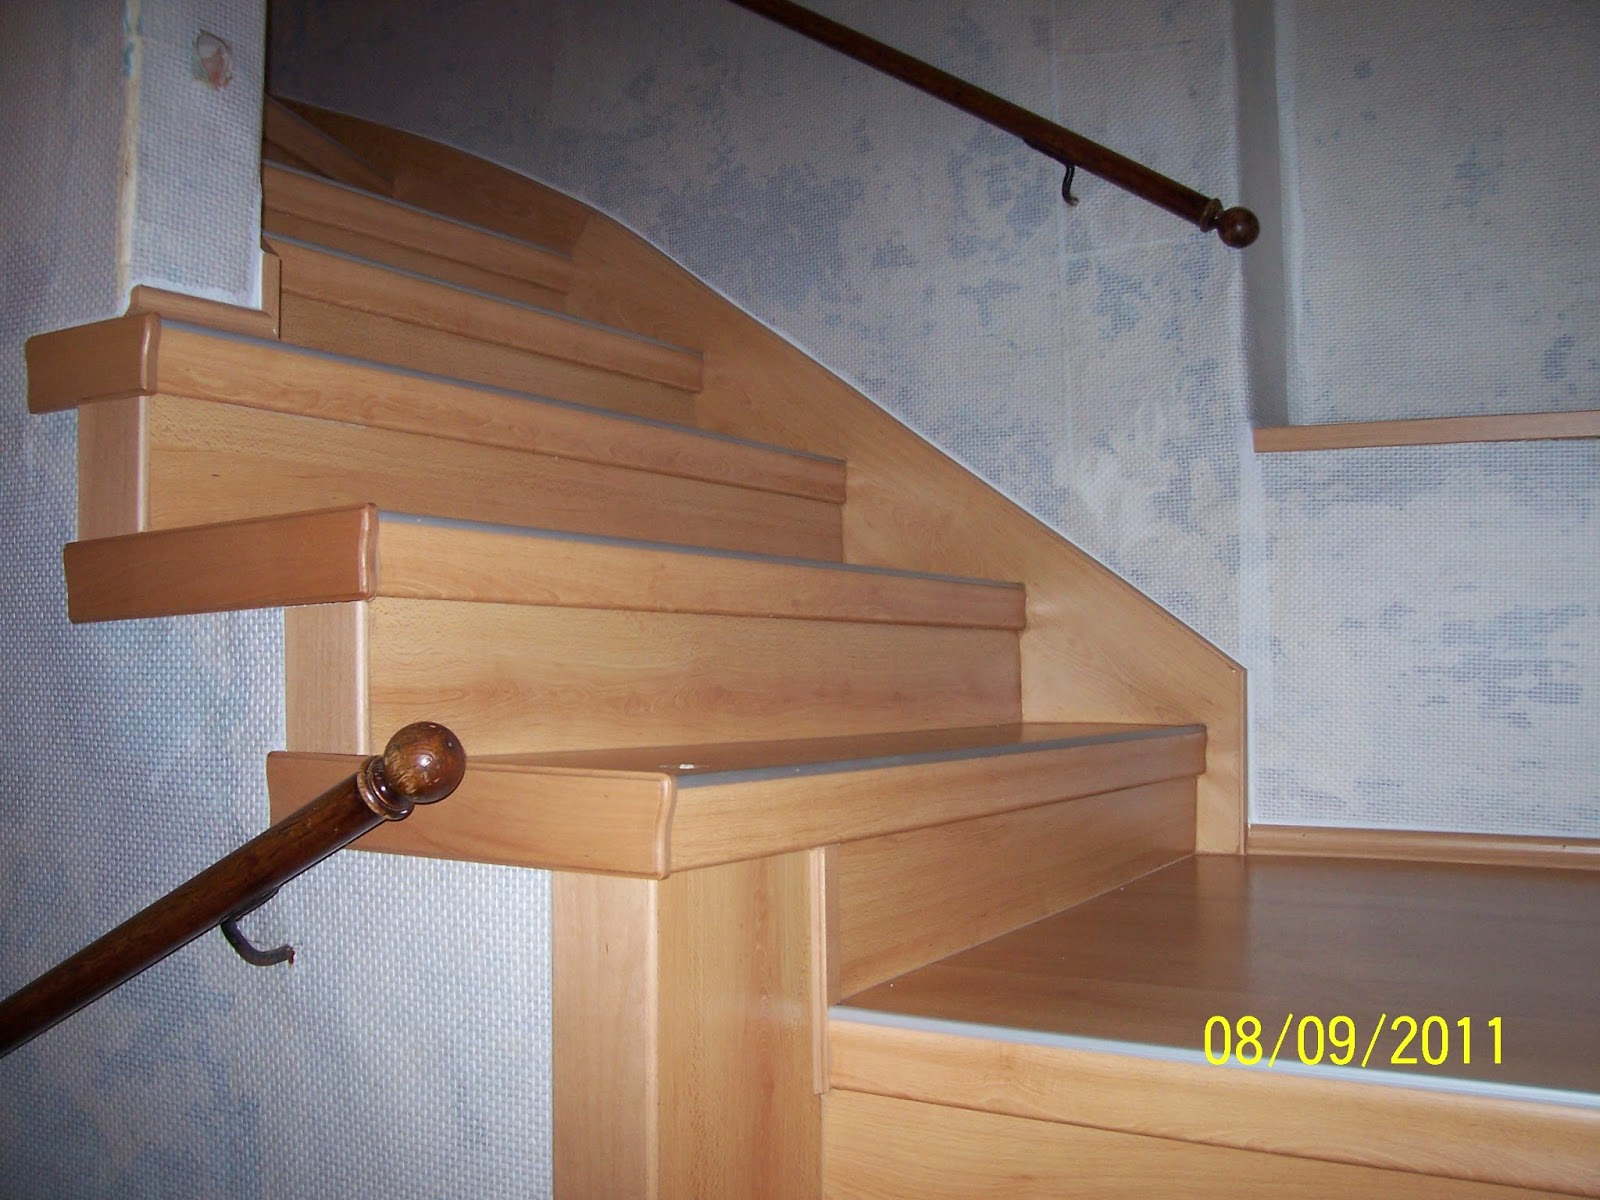 Treppenrenovierung - Wangenverkleidung innenseitig/wandseitig